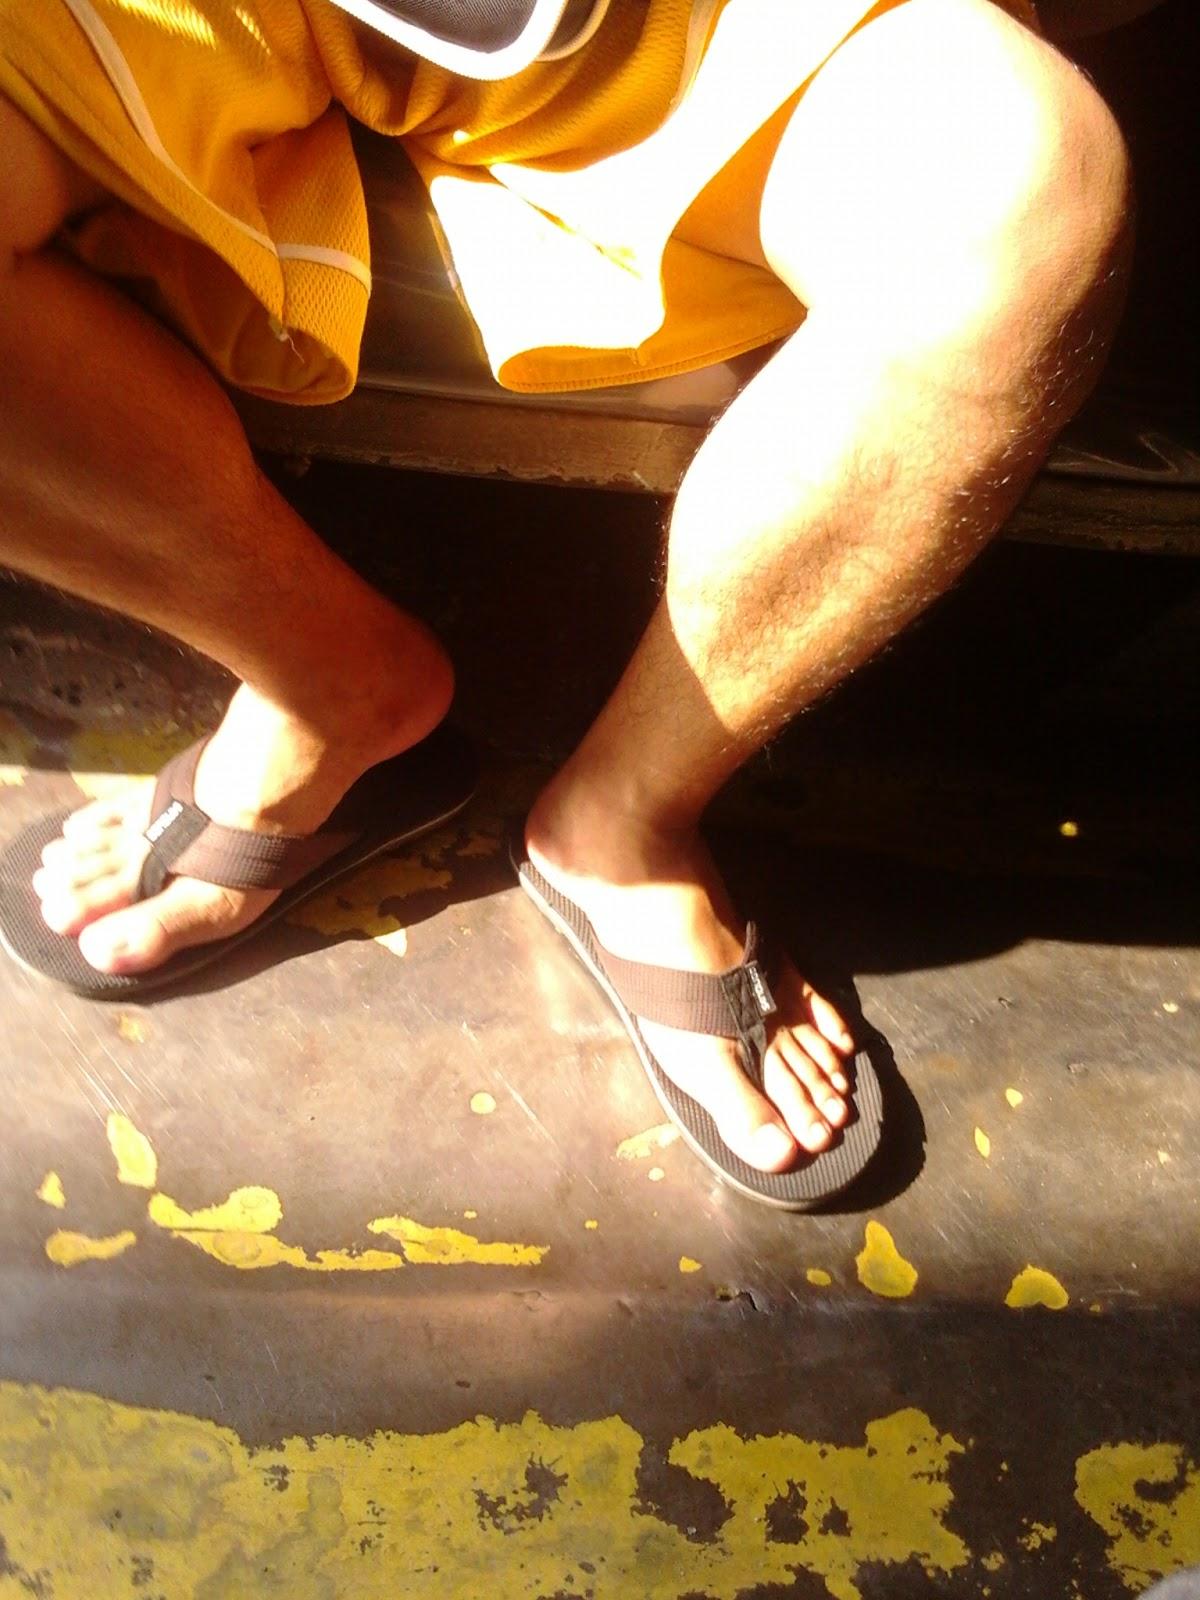 Filipino Foot Fetish